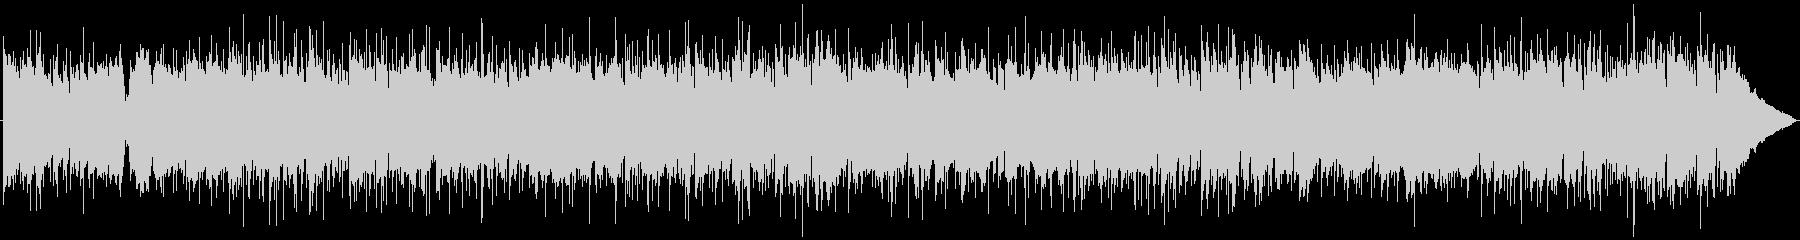 マンドリンのカントリーバラードBGMの未再生の波形